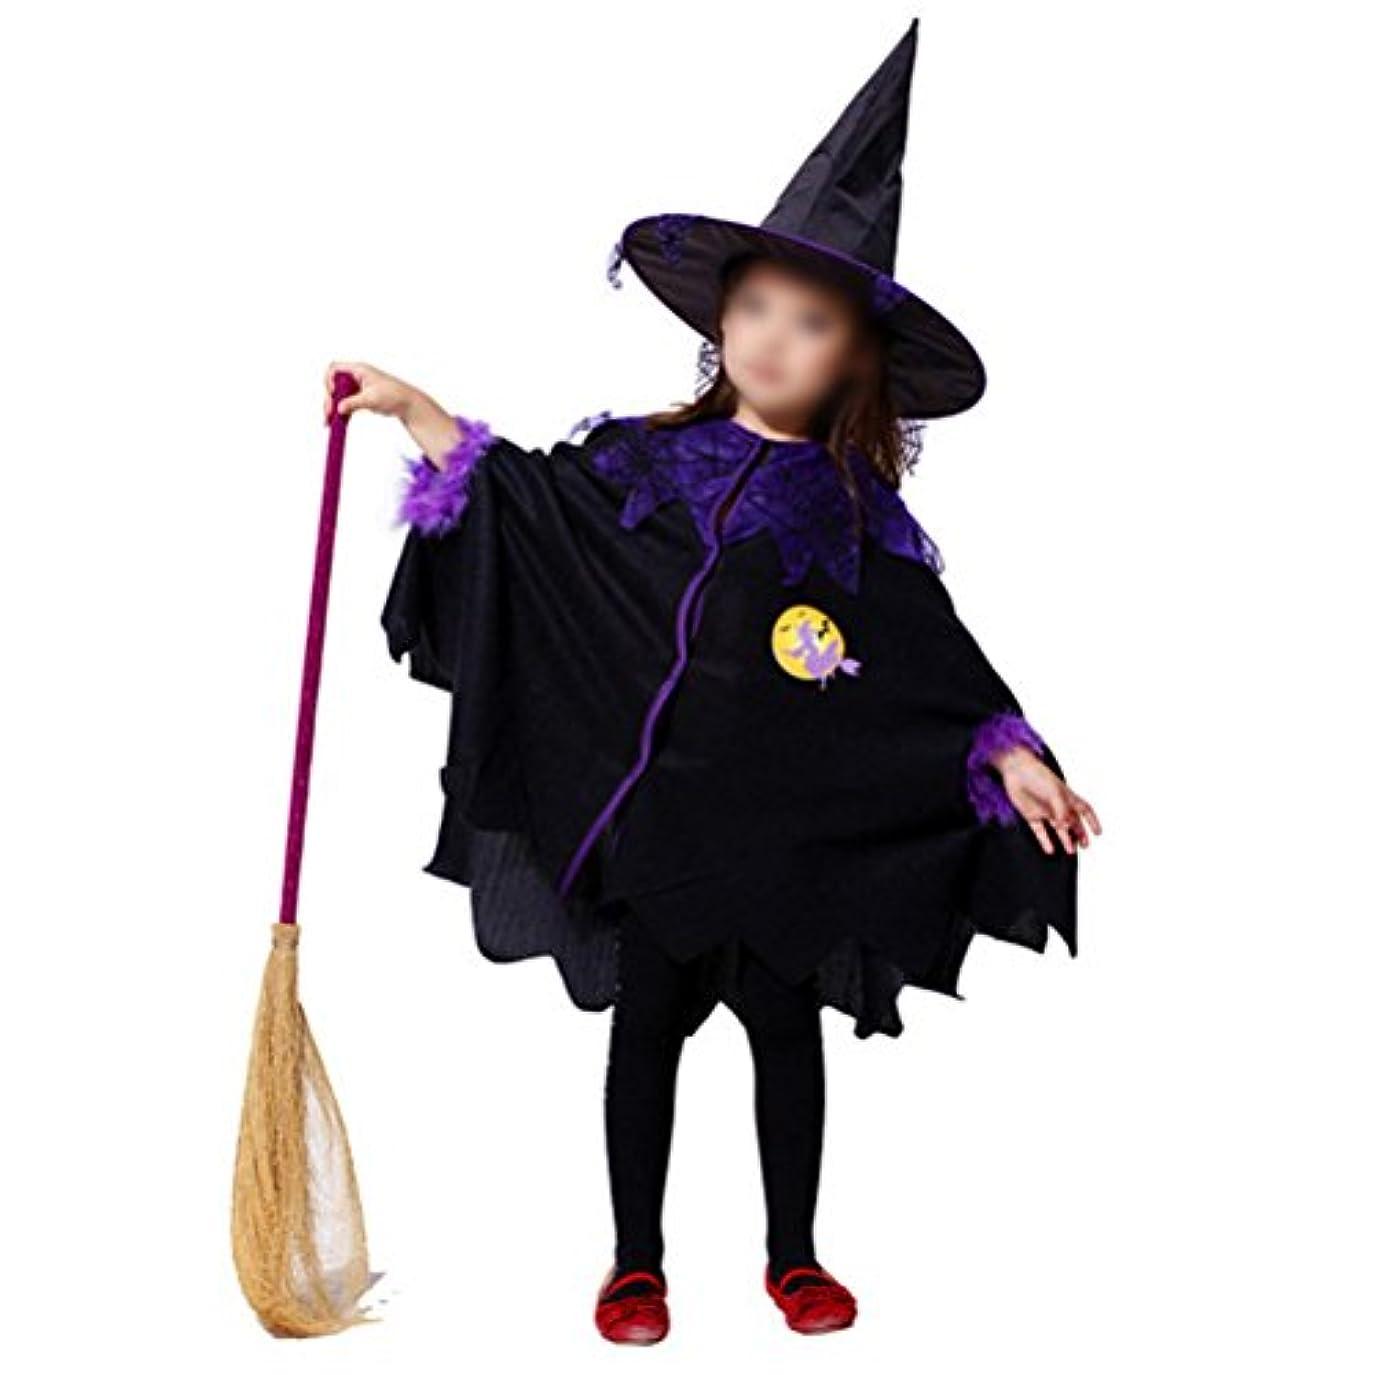 襟振りかける頂点BESTOYARD 子供ハロウィンコスプレ衣装コスプレドレスアップ帽子とクローク(ブラックL)